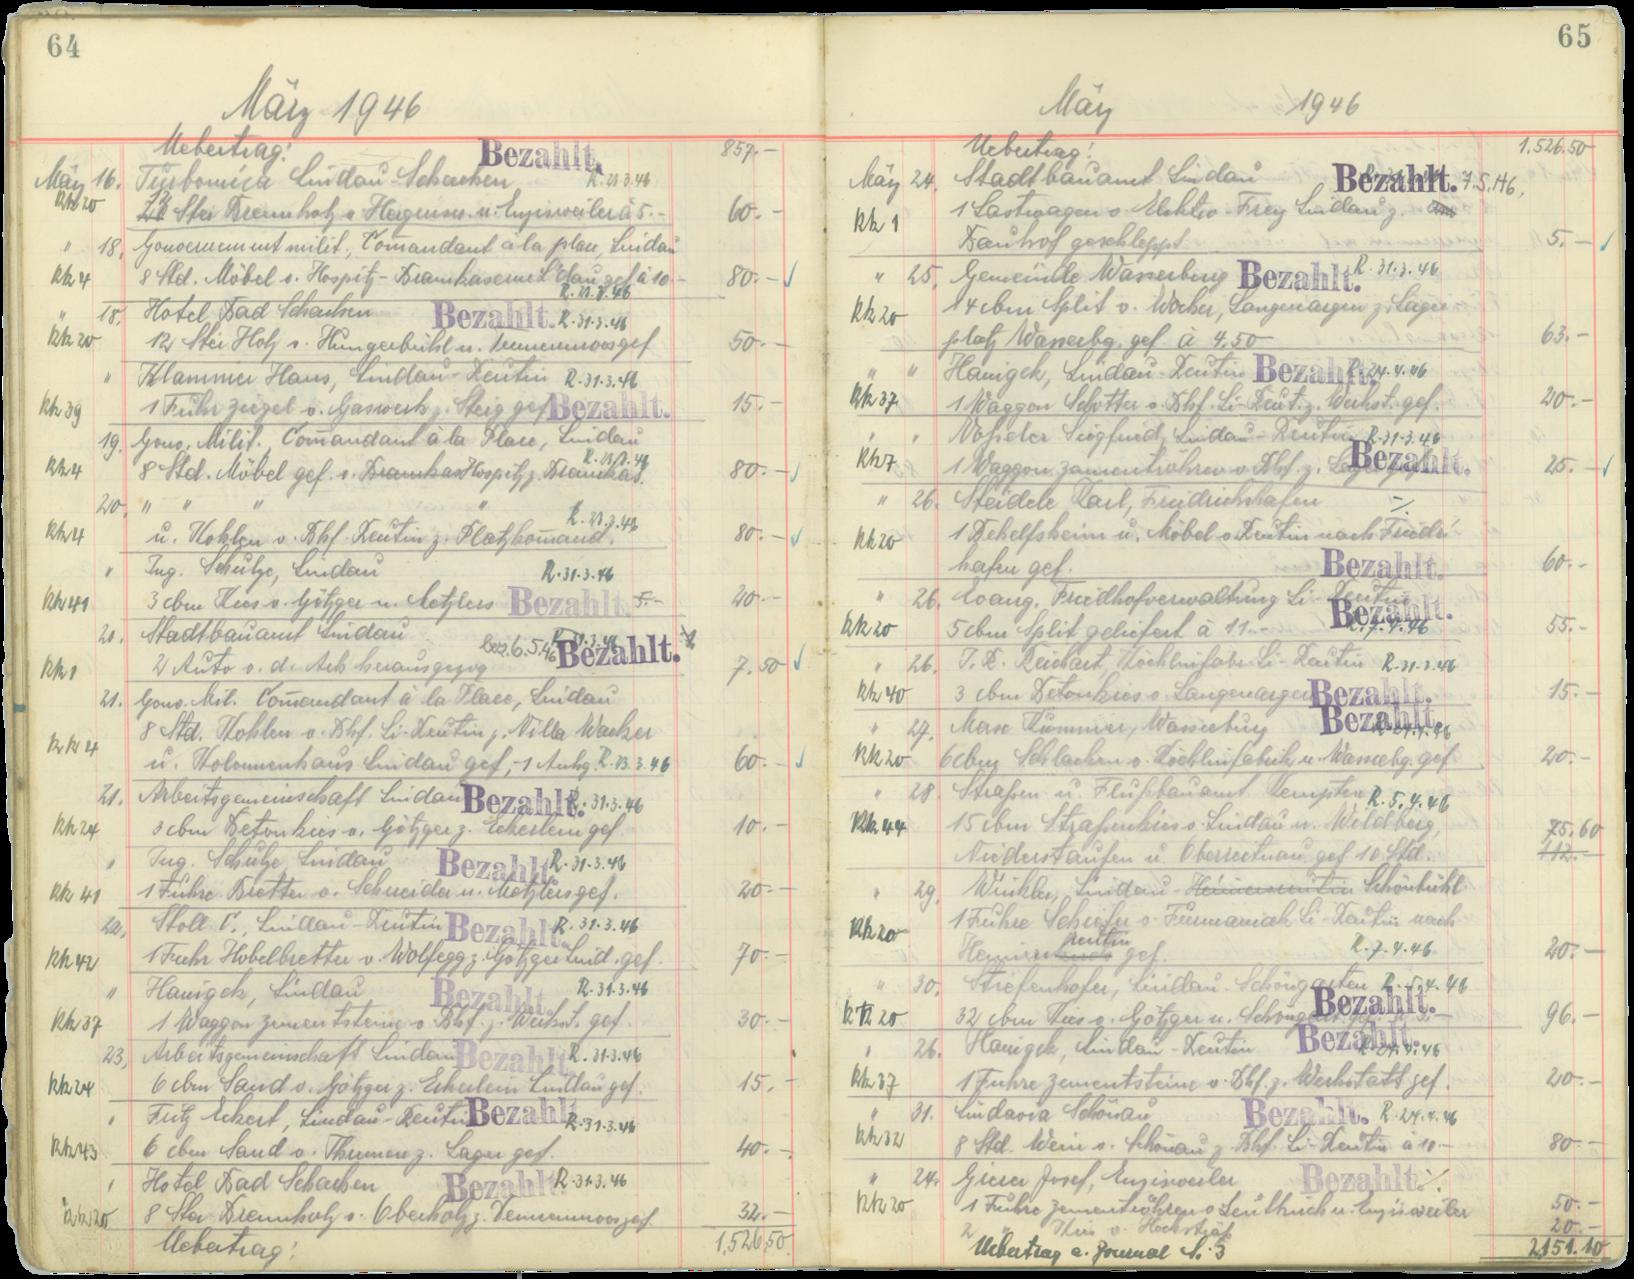 Rechnungsbuch 1946